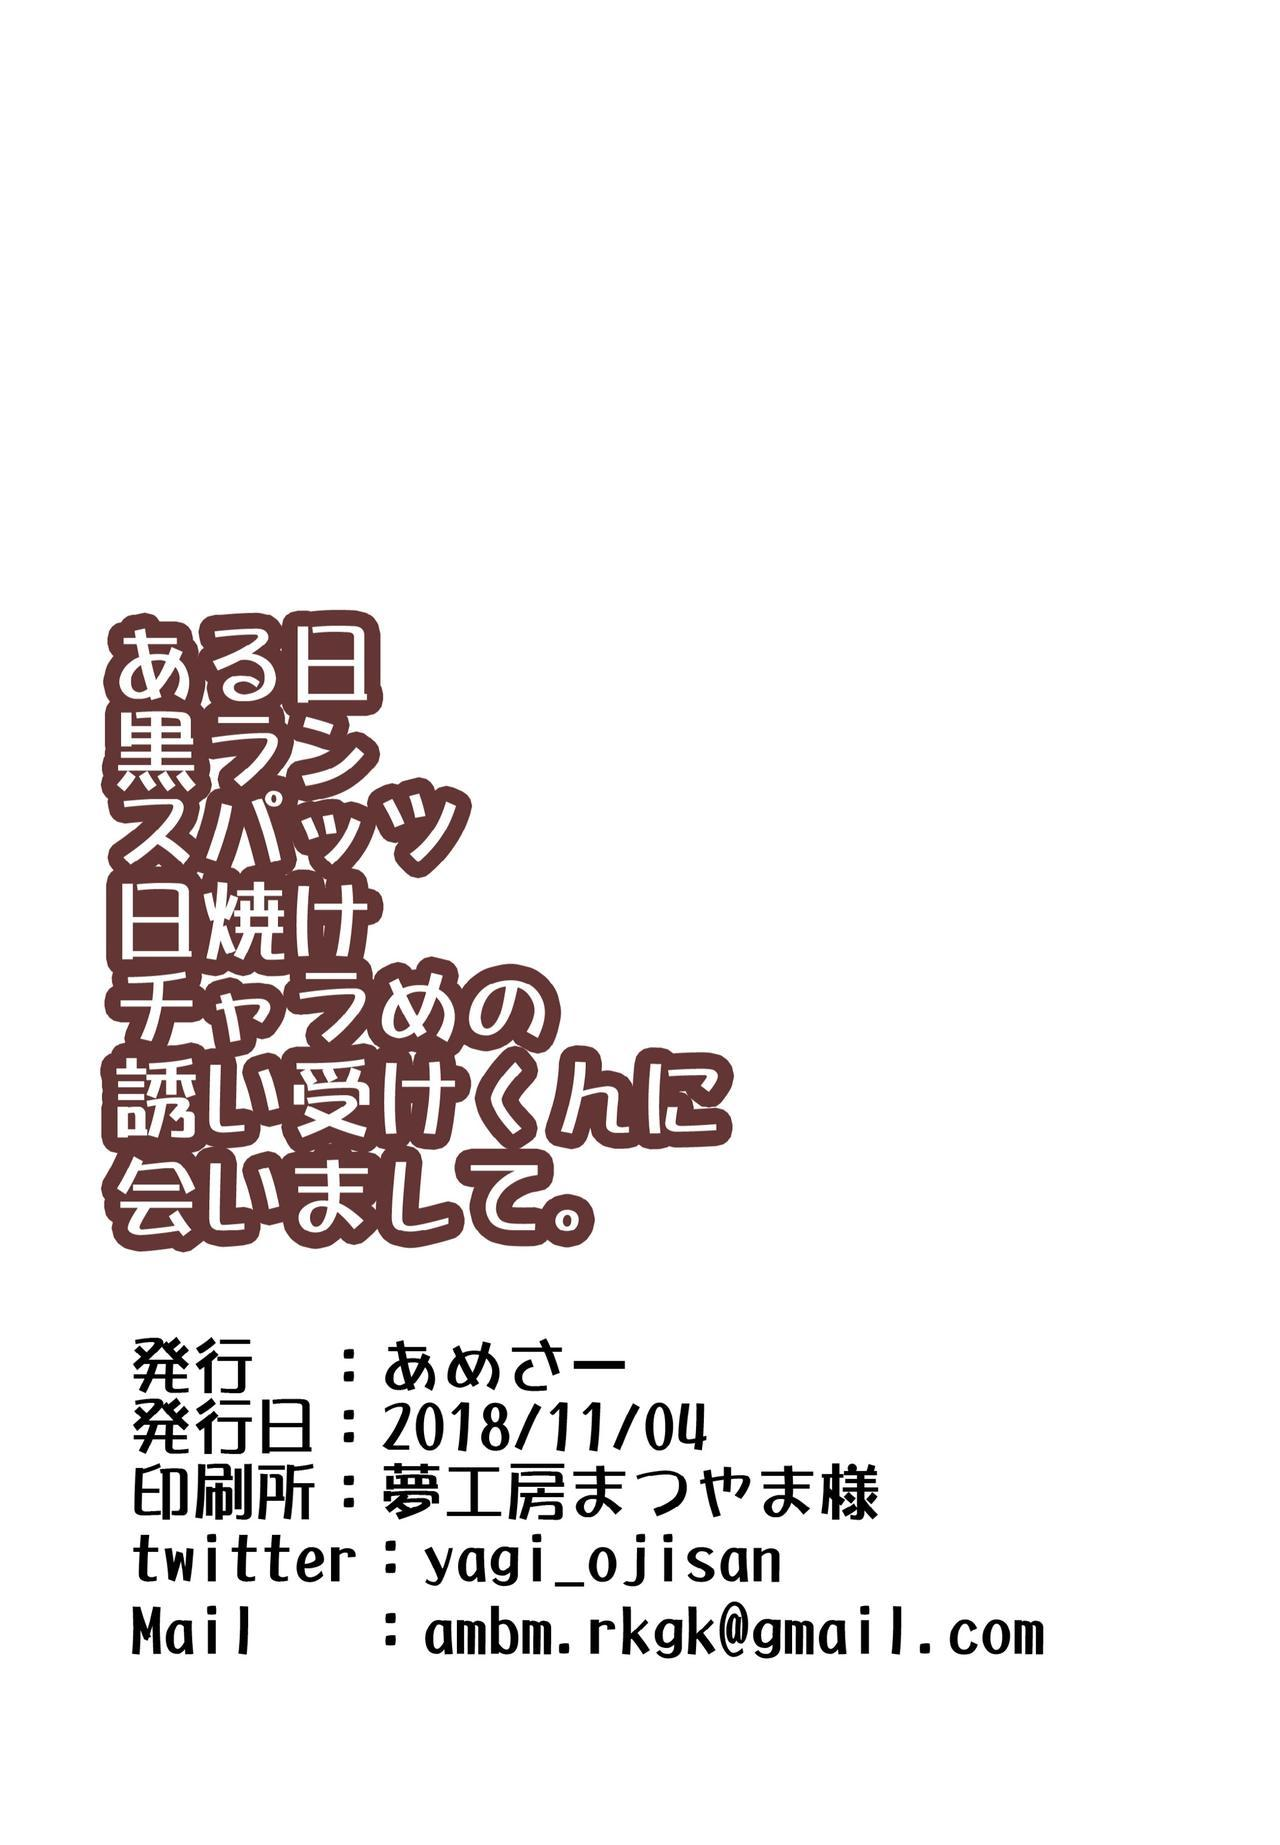 Aru Hi Kuro Run Spats Hiyake Charame no Sasoiuke-kun ni Aimashite. 9